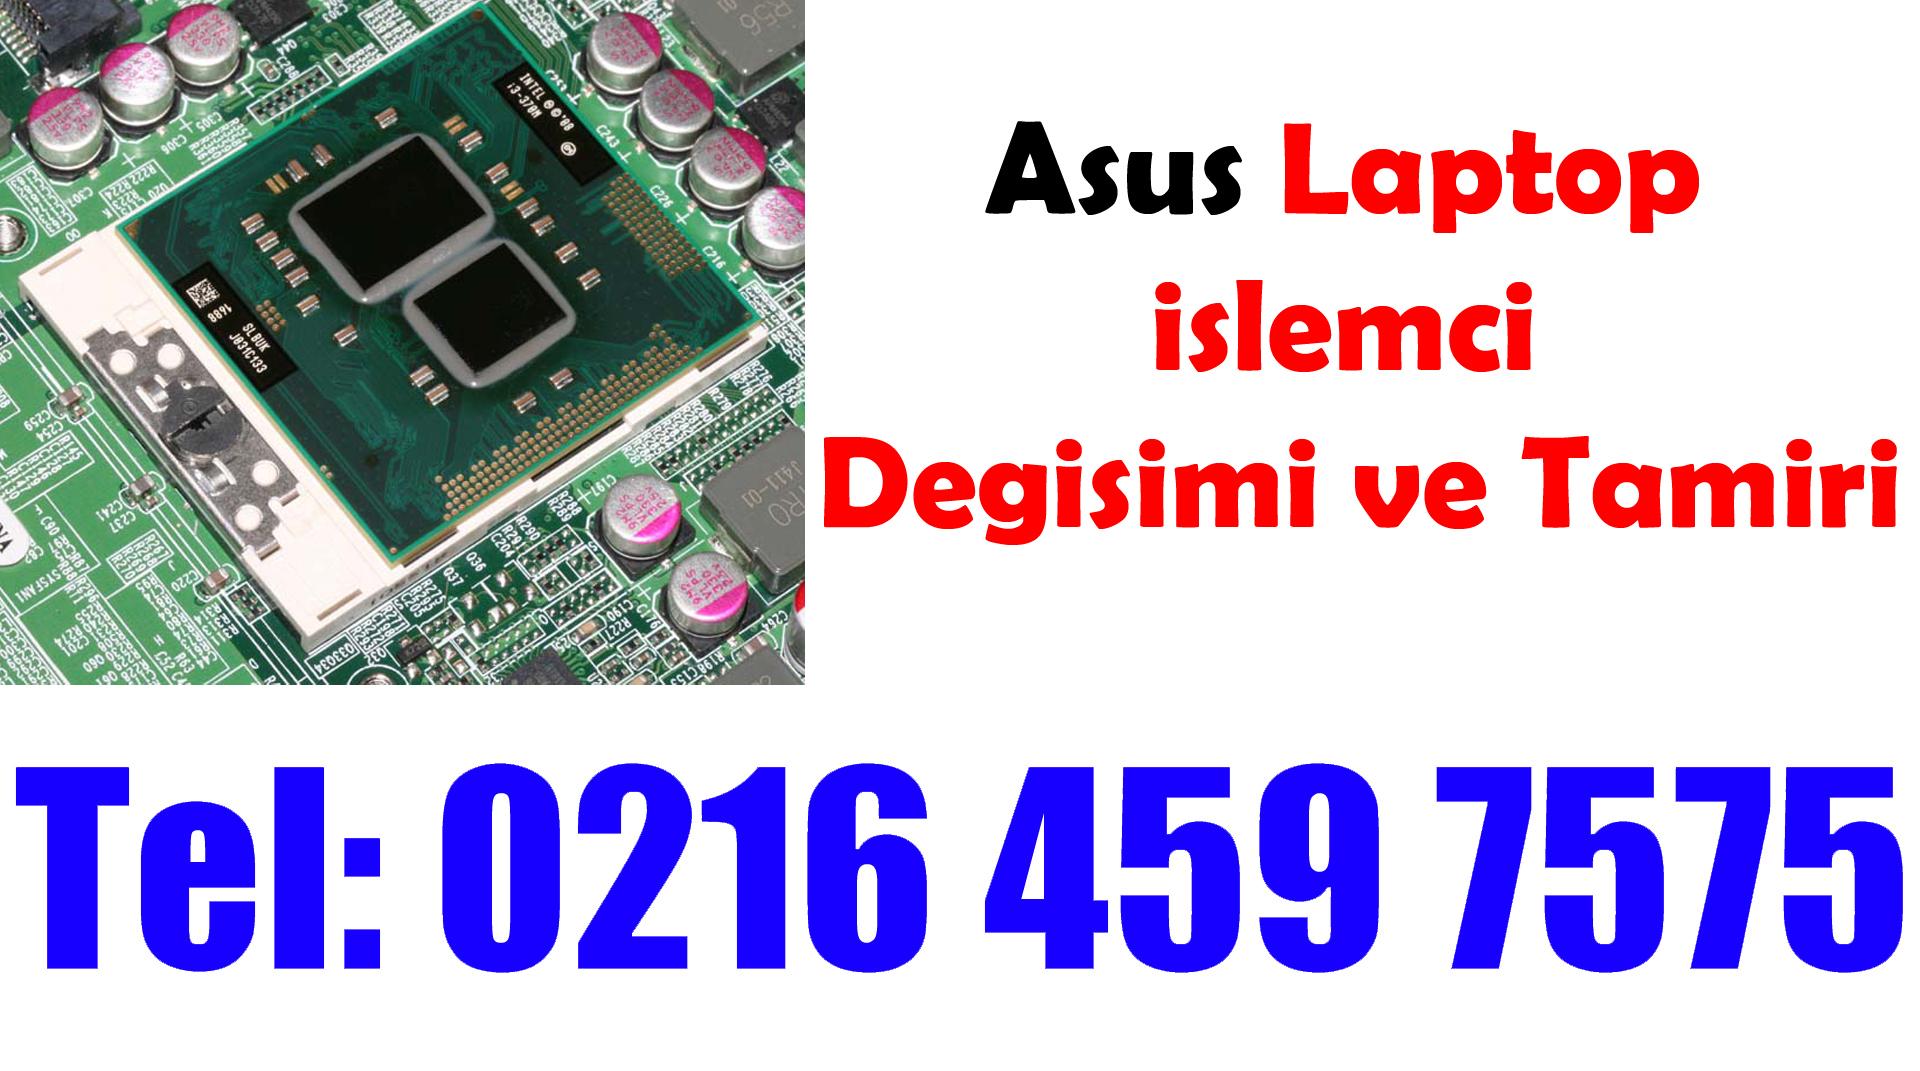 Asus Laptop İşlemci Değişimi ve Tamiri